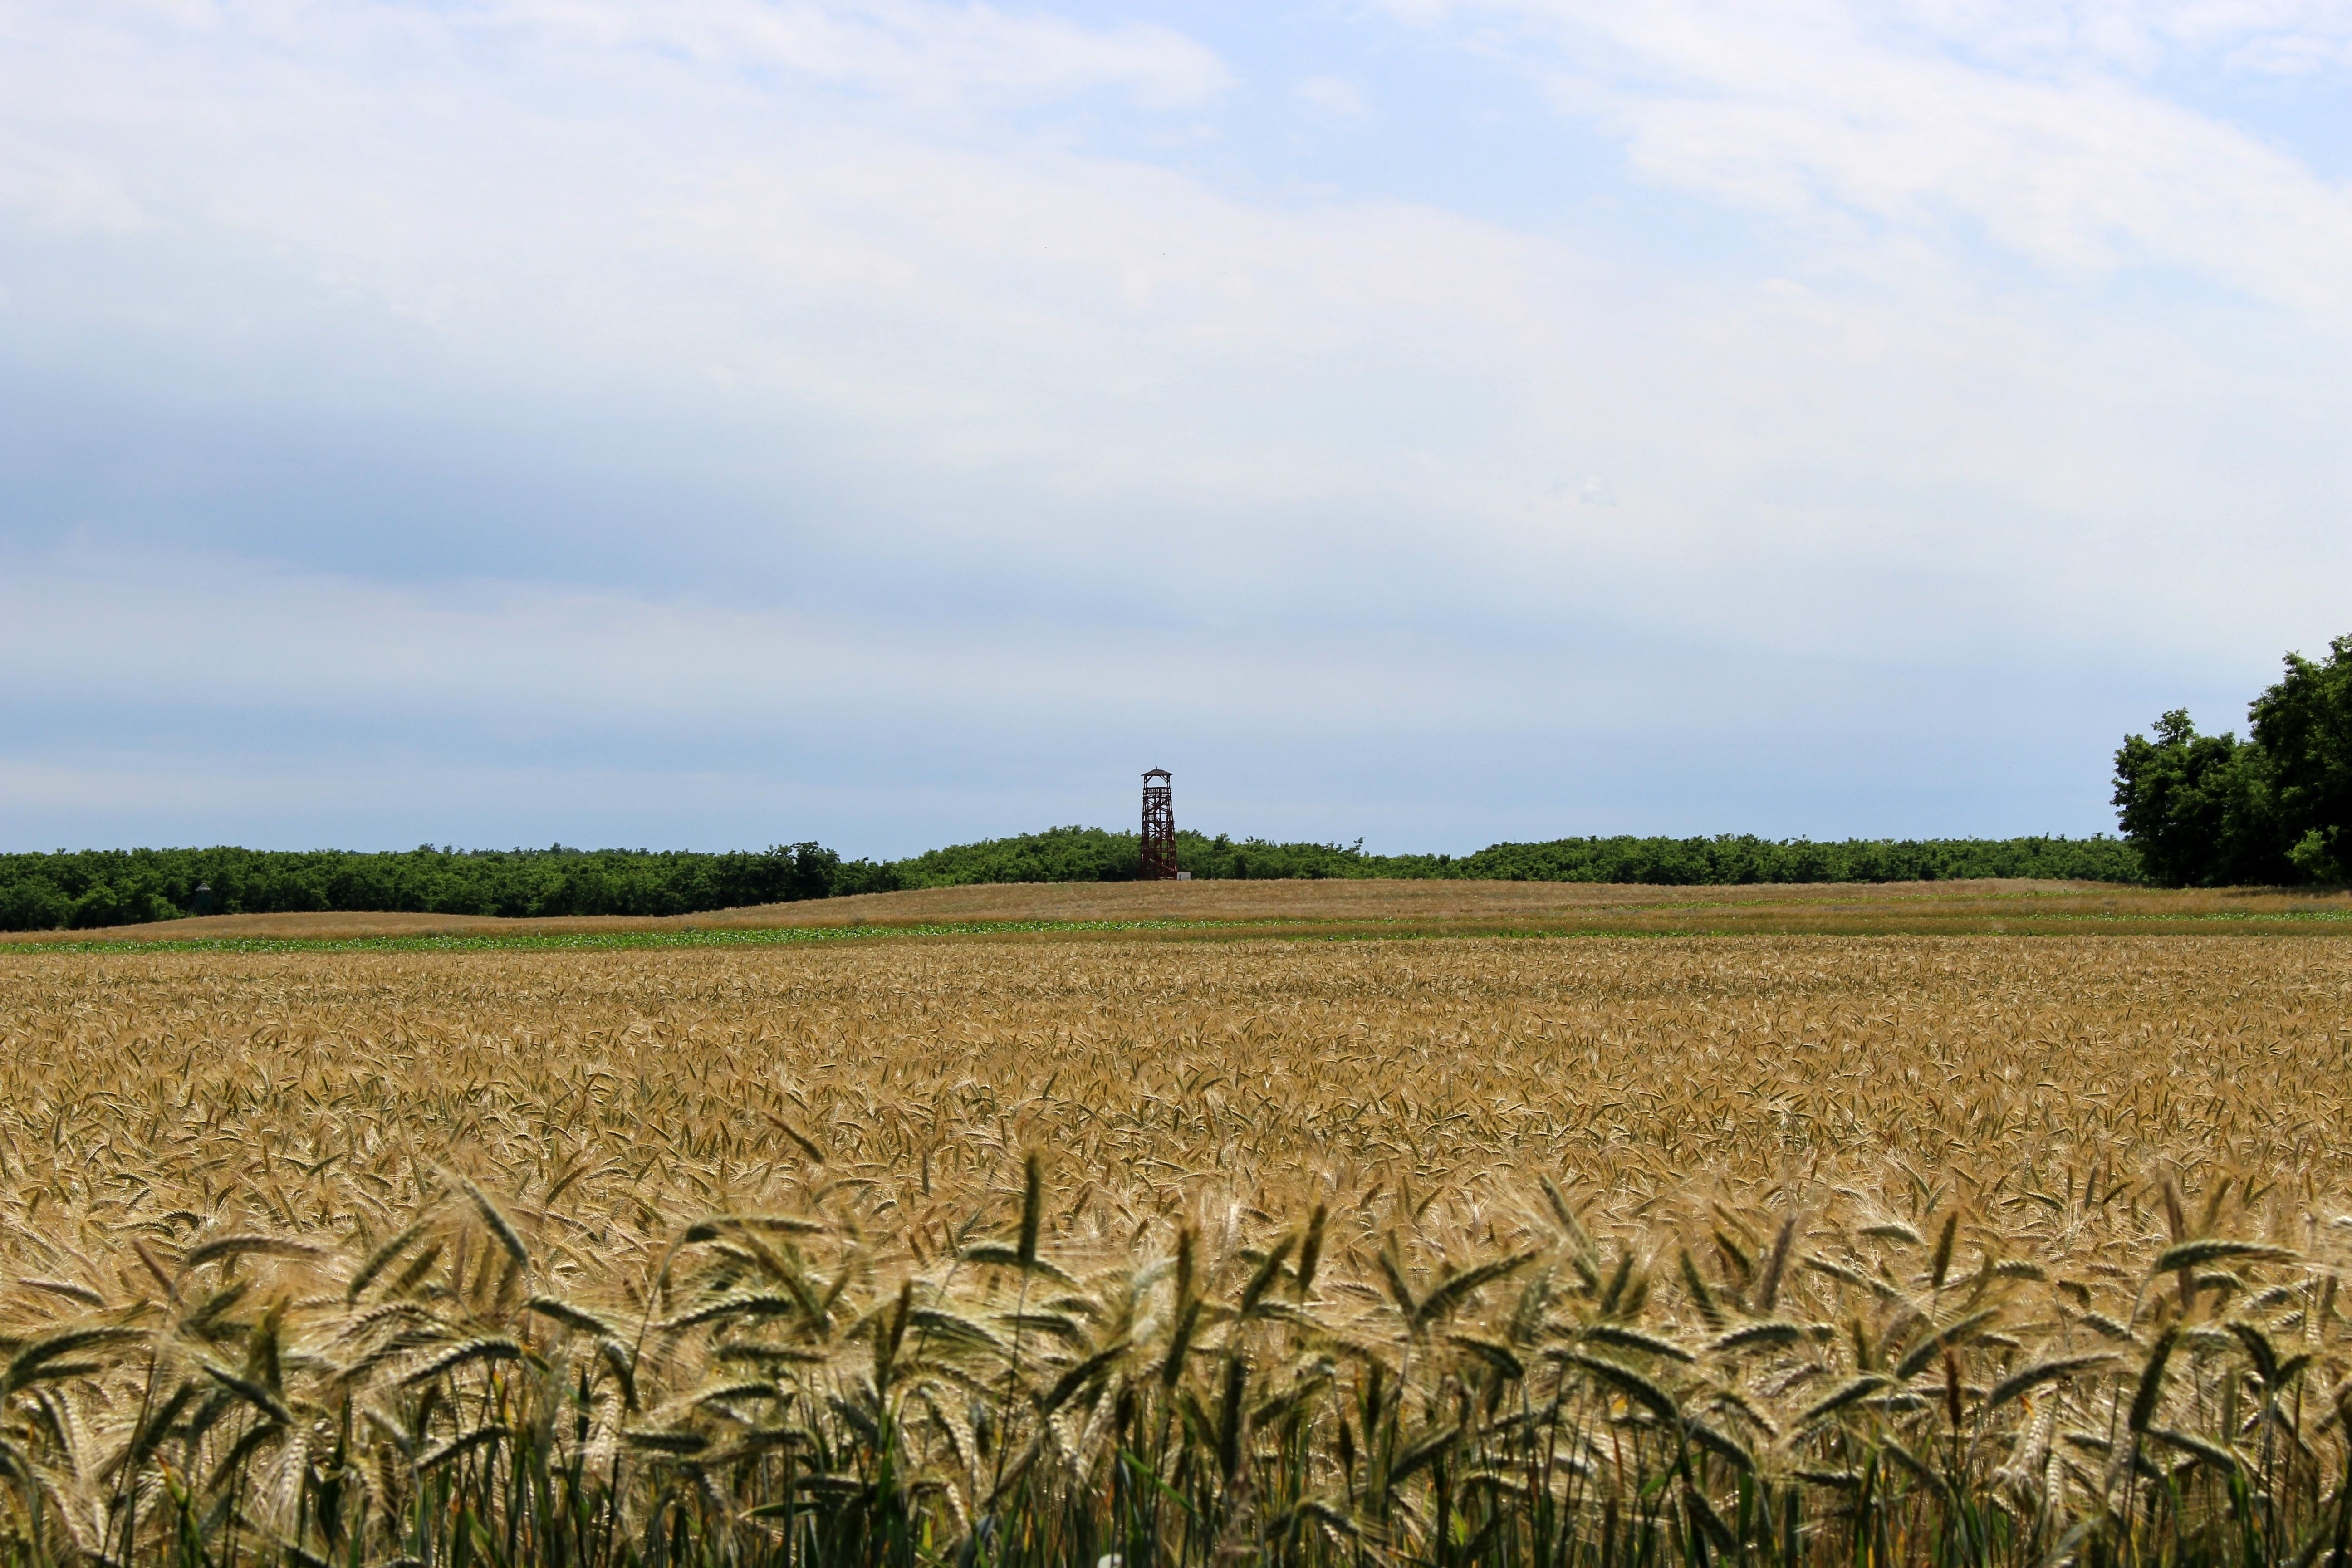 Az agrárkamara dönthetne, hogy ki vásárolhat földet, és ki nem